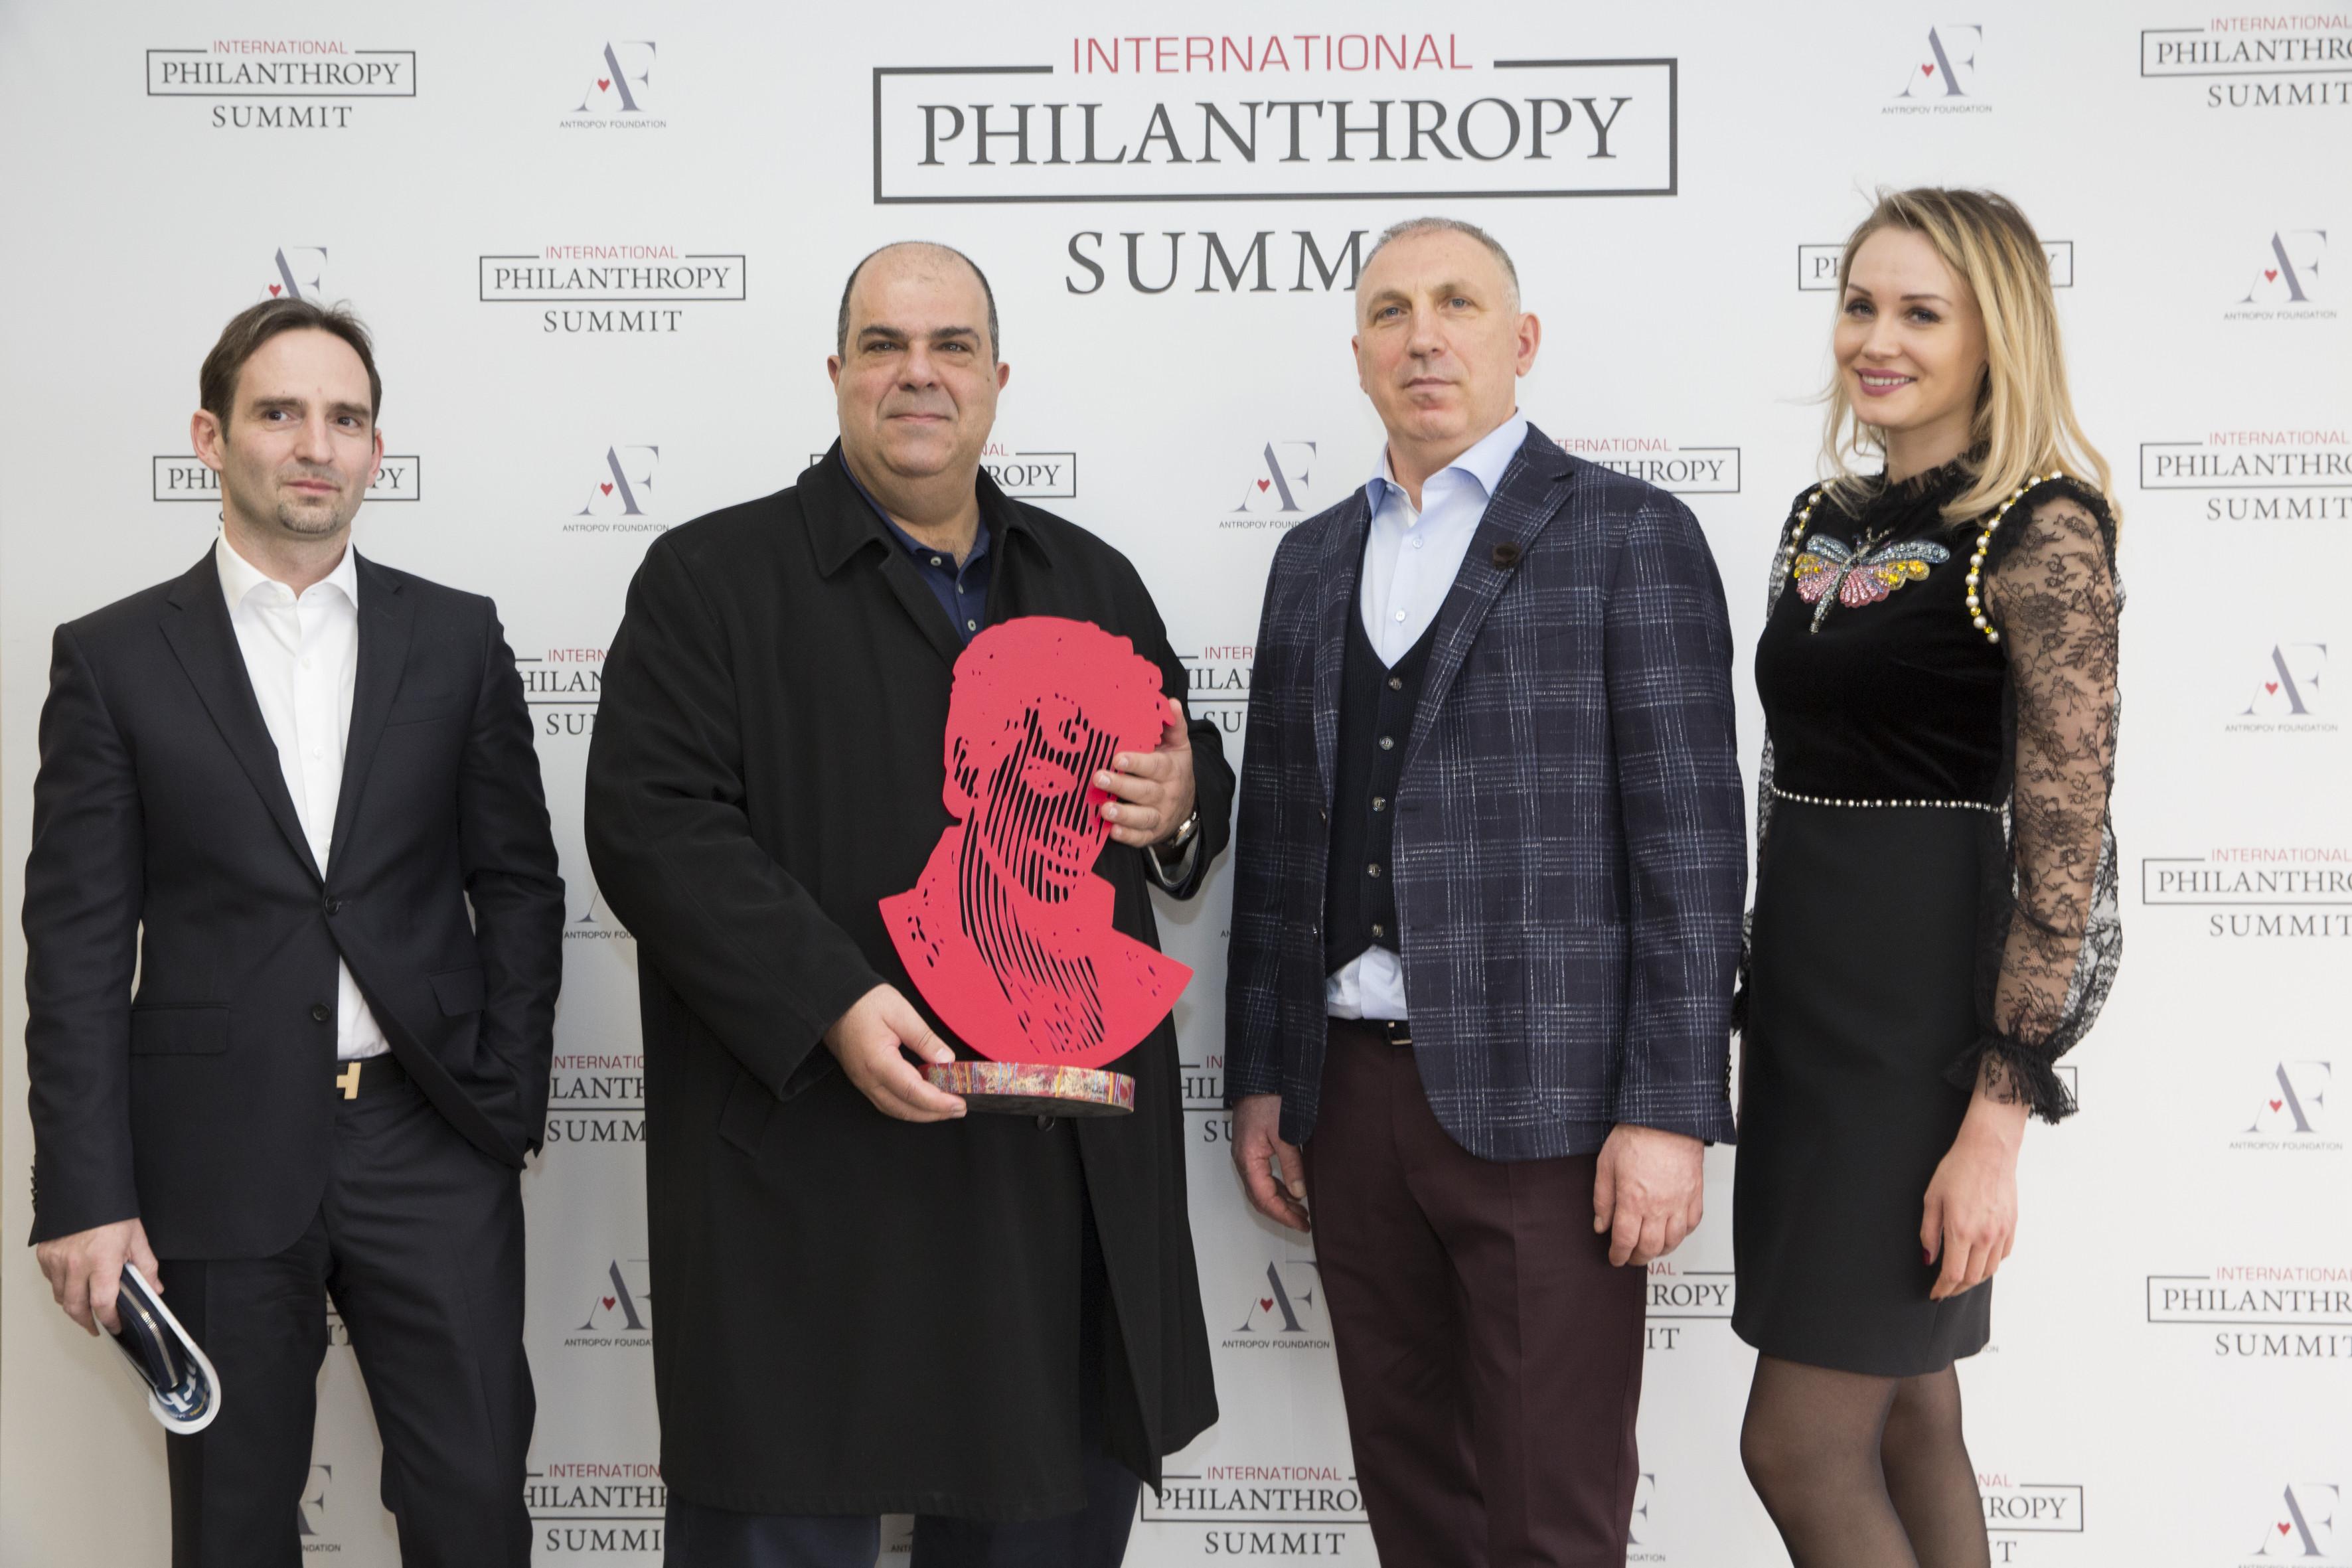 Alexey Antropov, Sir Stelios, Aya Glagoleva, Ambassador of the Antropov Foundation, and Vladimir Lyaporov. Photo: International Philanthropy Summit Monaco.